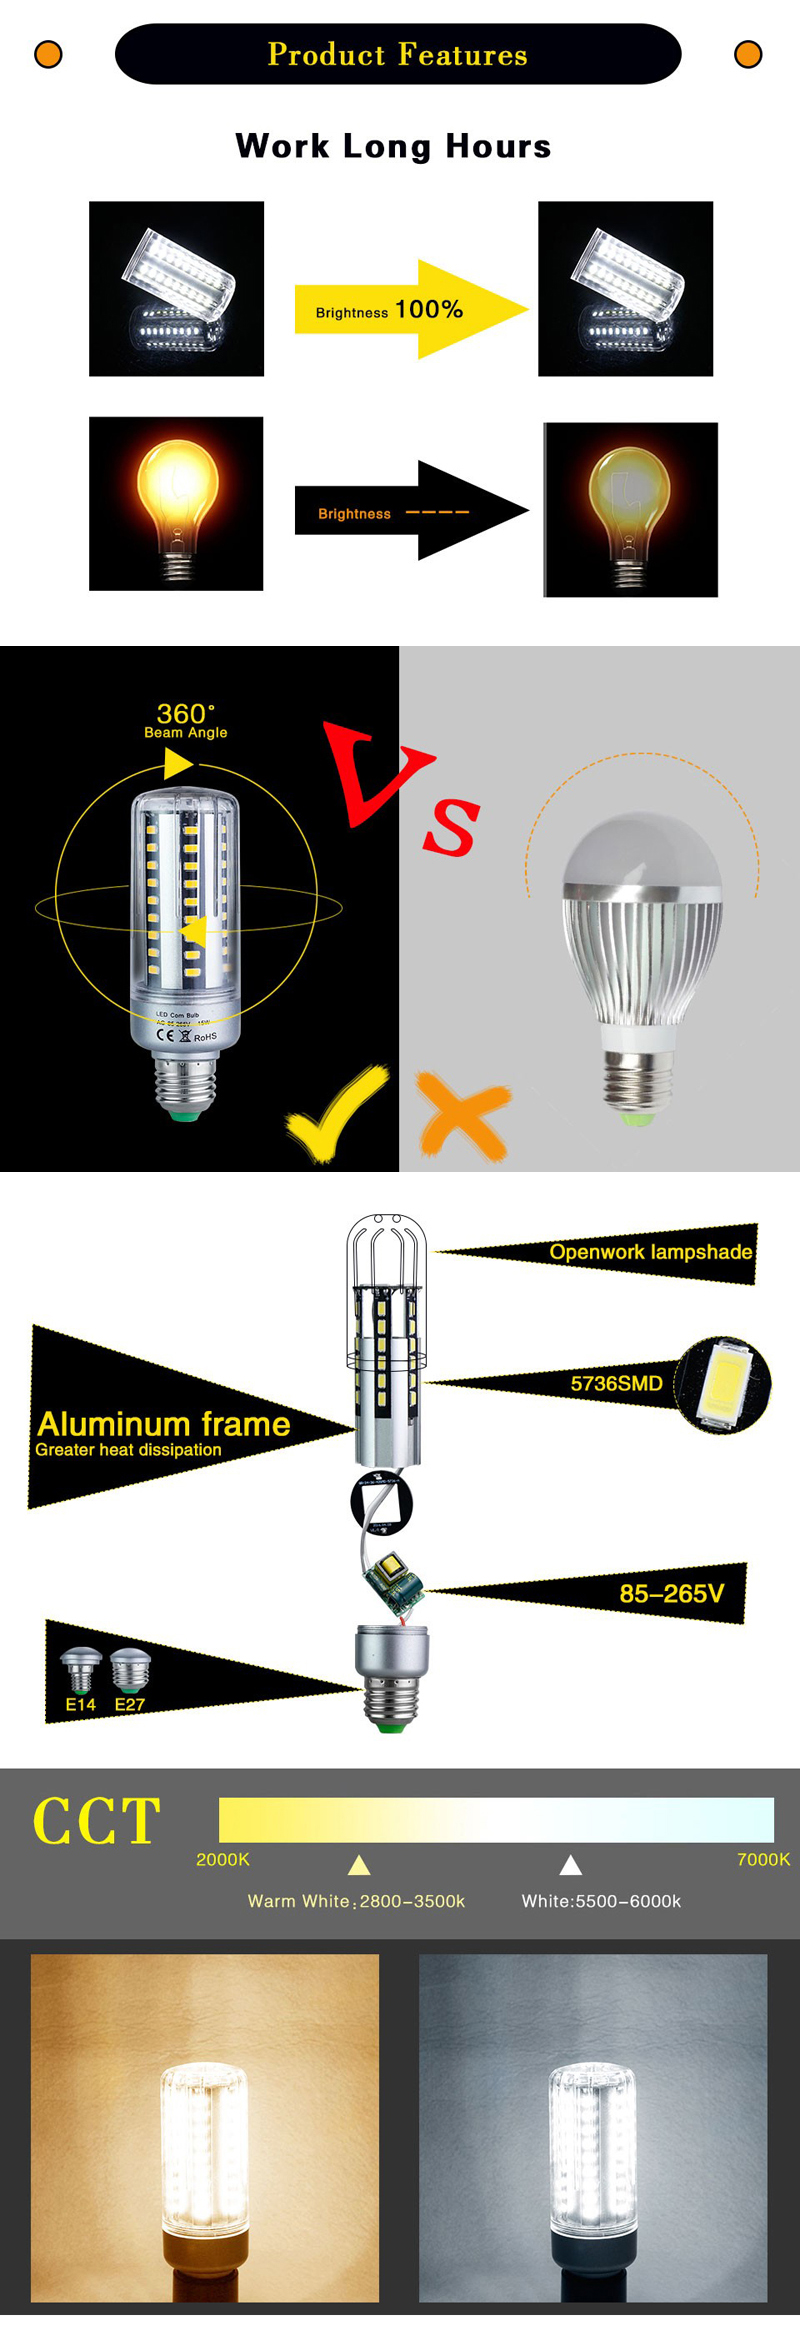 ZX New Aluminum Frame E27 LED 5W 7W 9W 12W 20W 25W No Flicker Cover Corn Light Bulb 85-265V